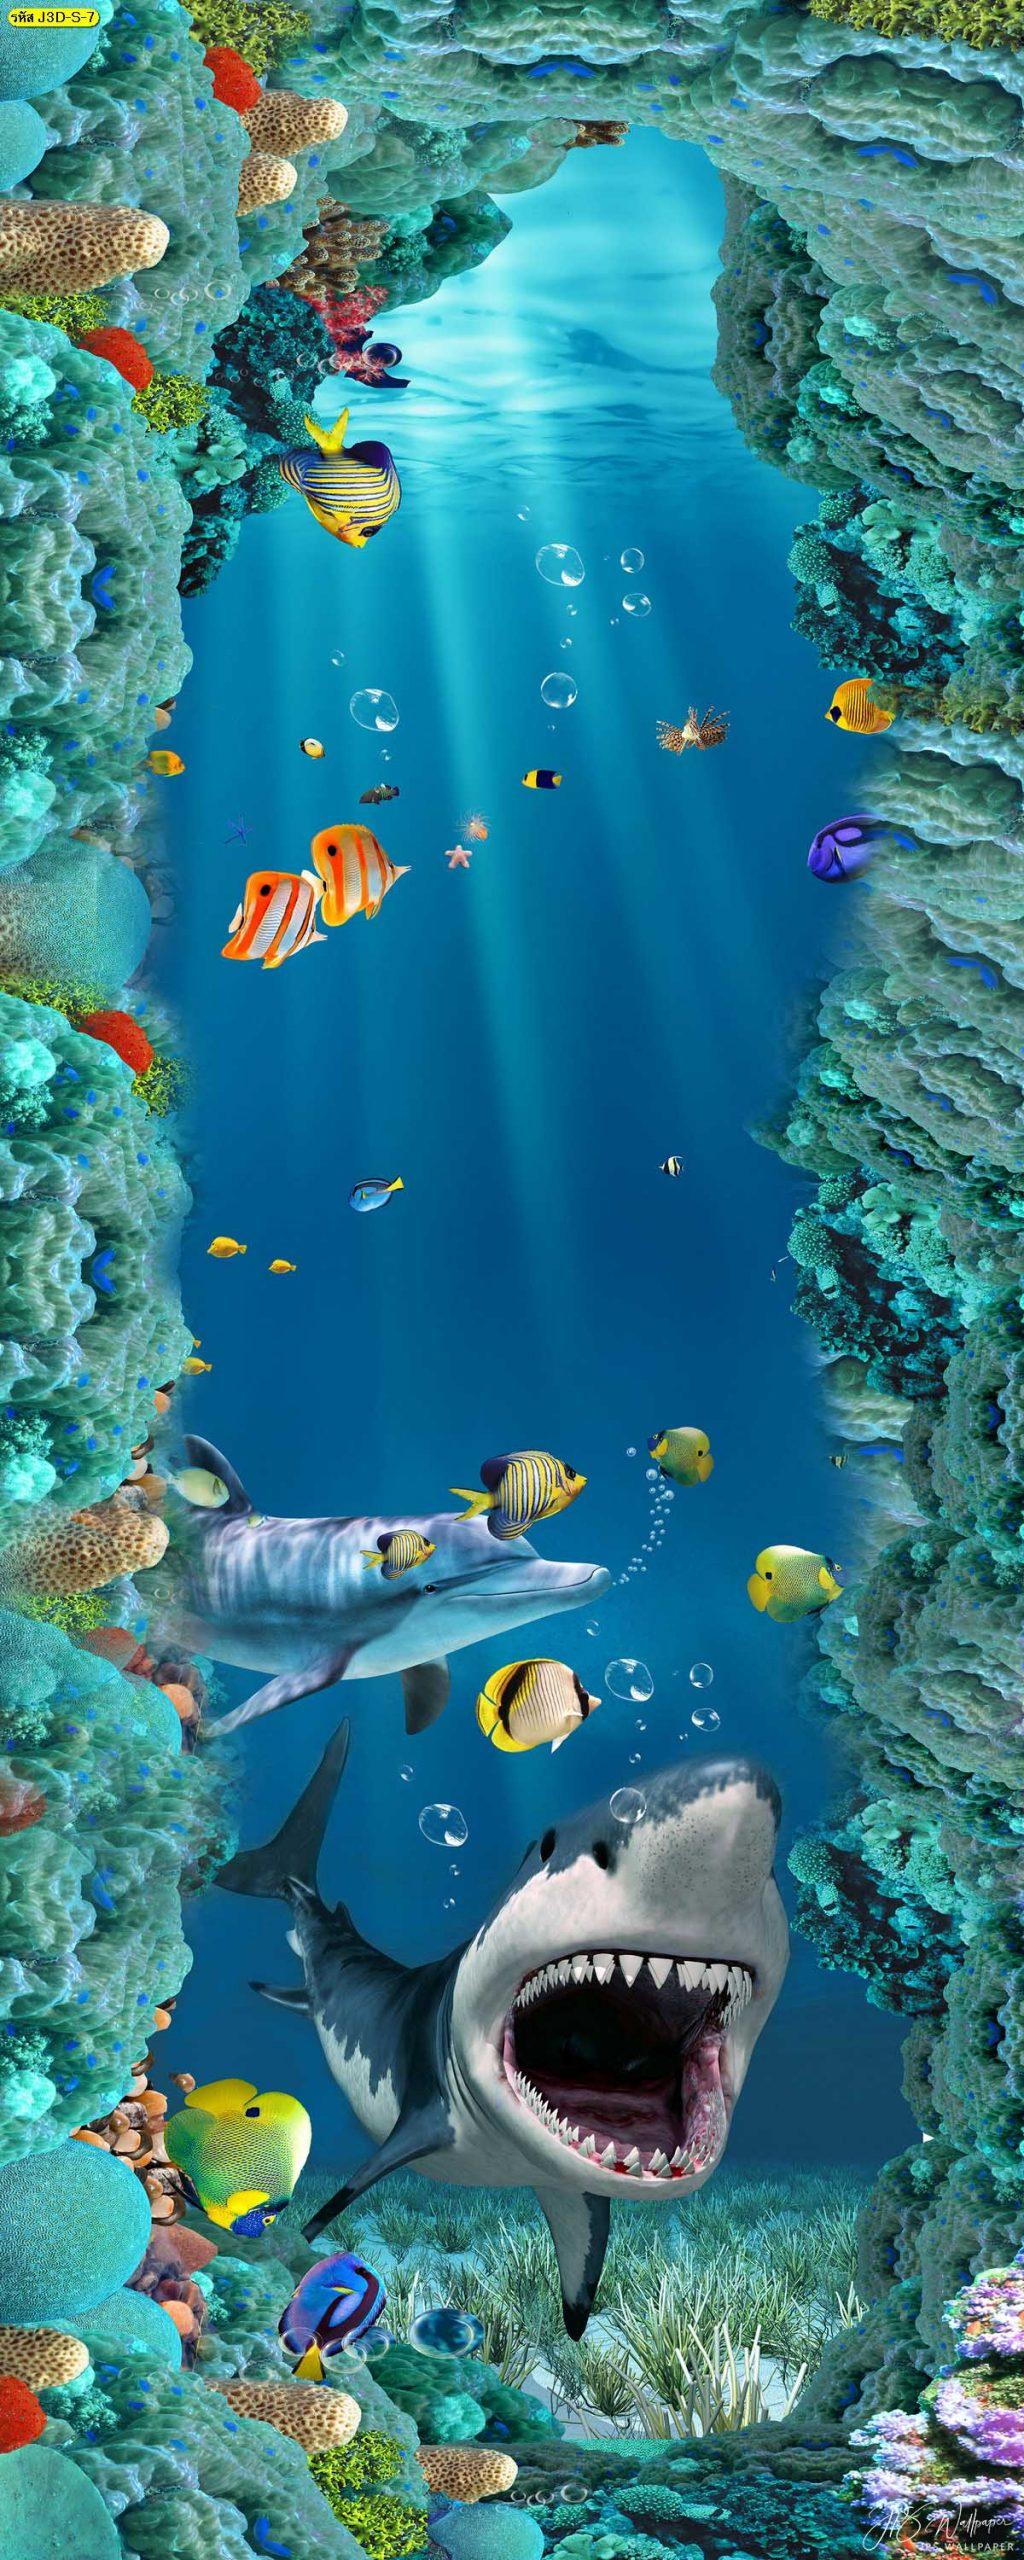 วอลเปเปอร์แนวตั้งฉลามใต้ท้องทะเลสวยๆ วอลเปเปอร์สามมิติ ภาพพิมพ์พื้นหลังสามมิติ